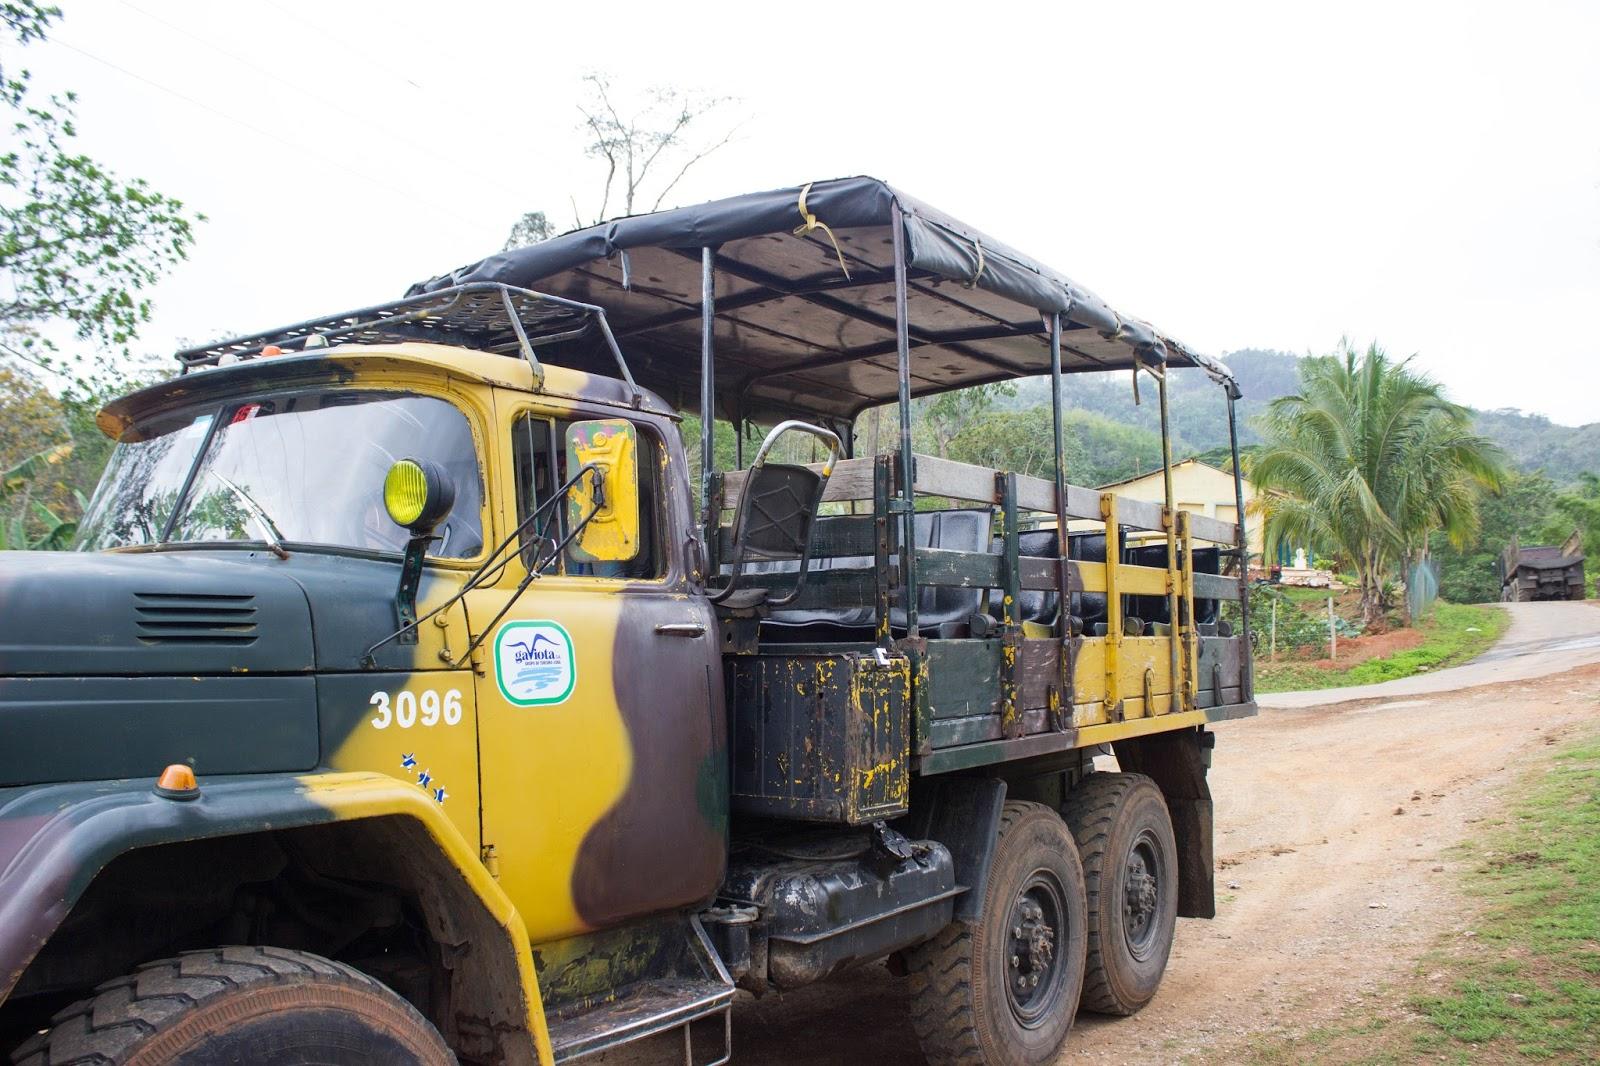 TopesdeCollantes_Cuba_Travel_Guide28429